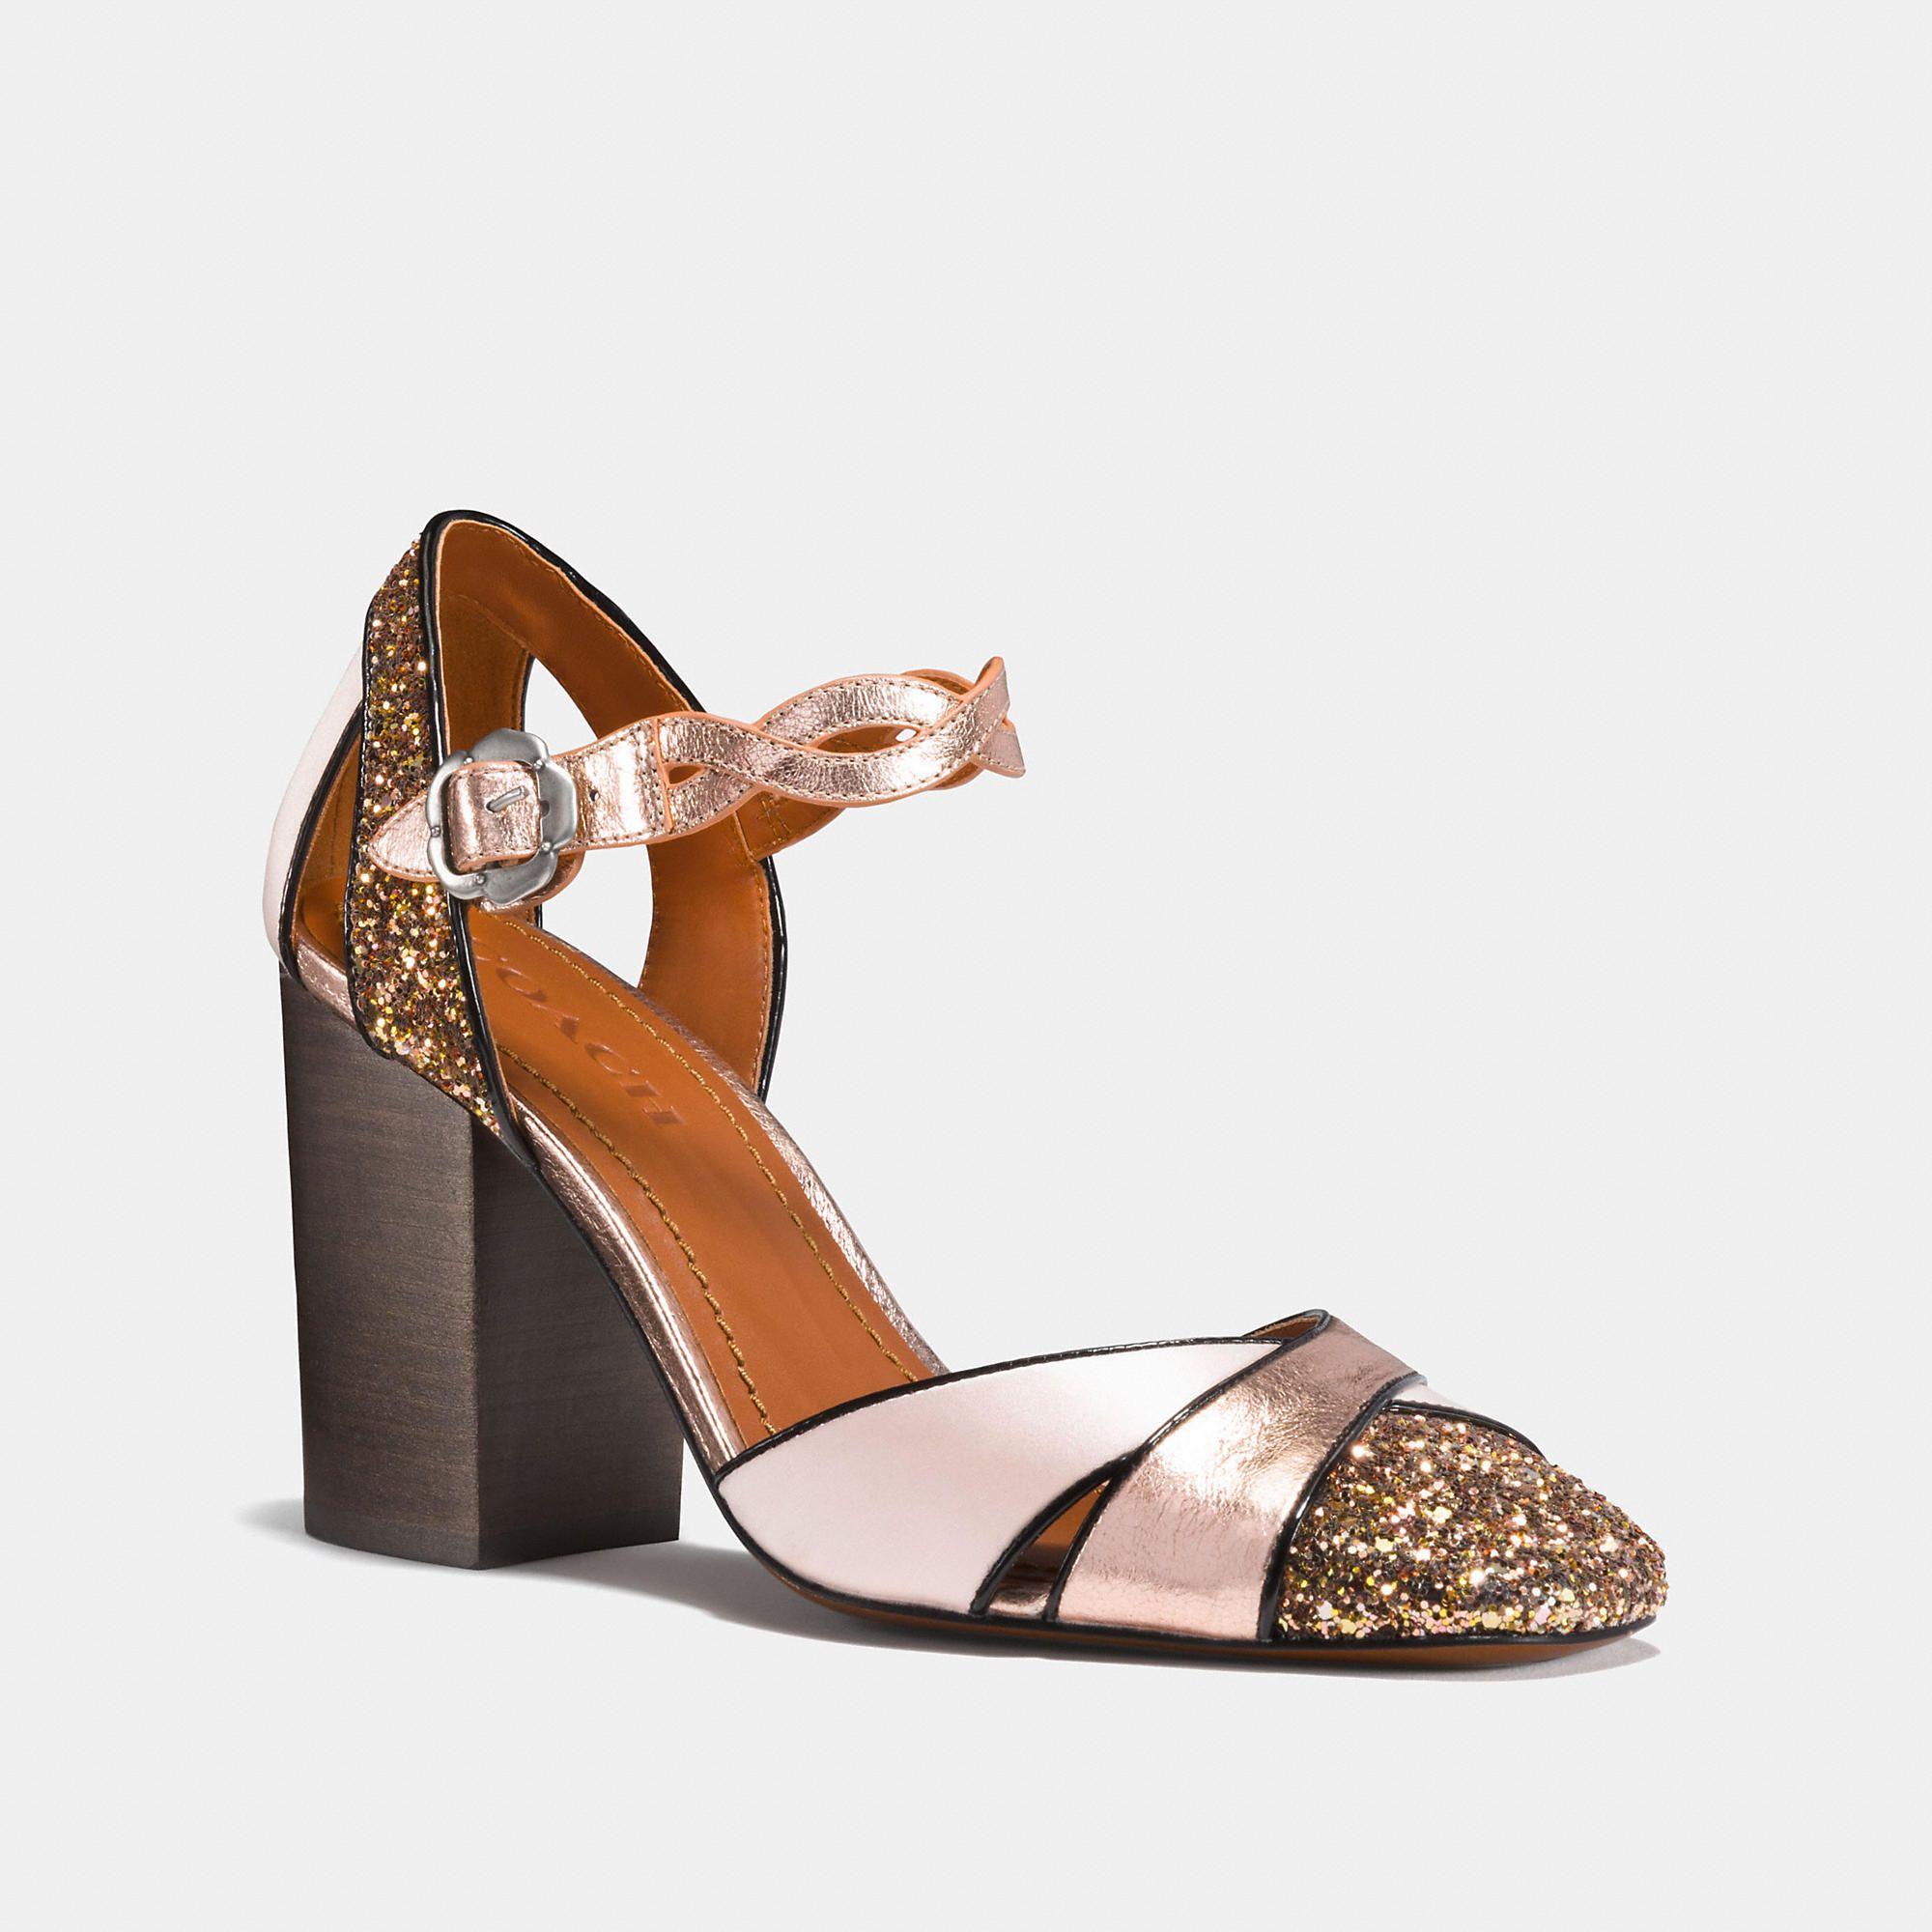 61dc3fee5b19d COACH Ankle Strap Pump - Women s Size 5.5 Pumps